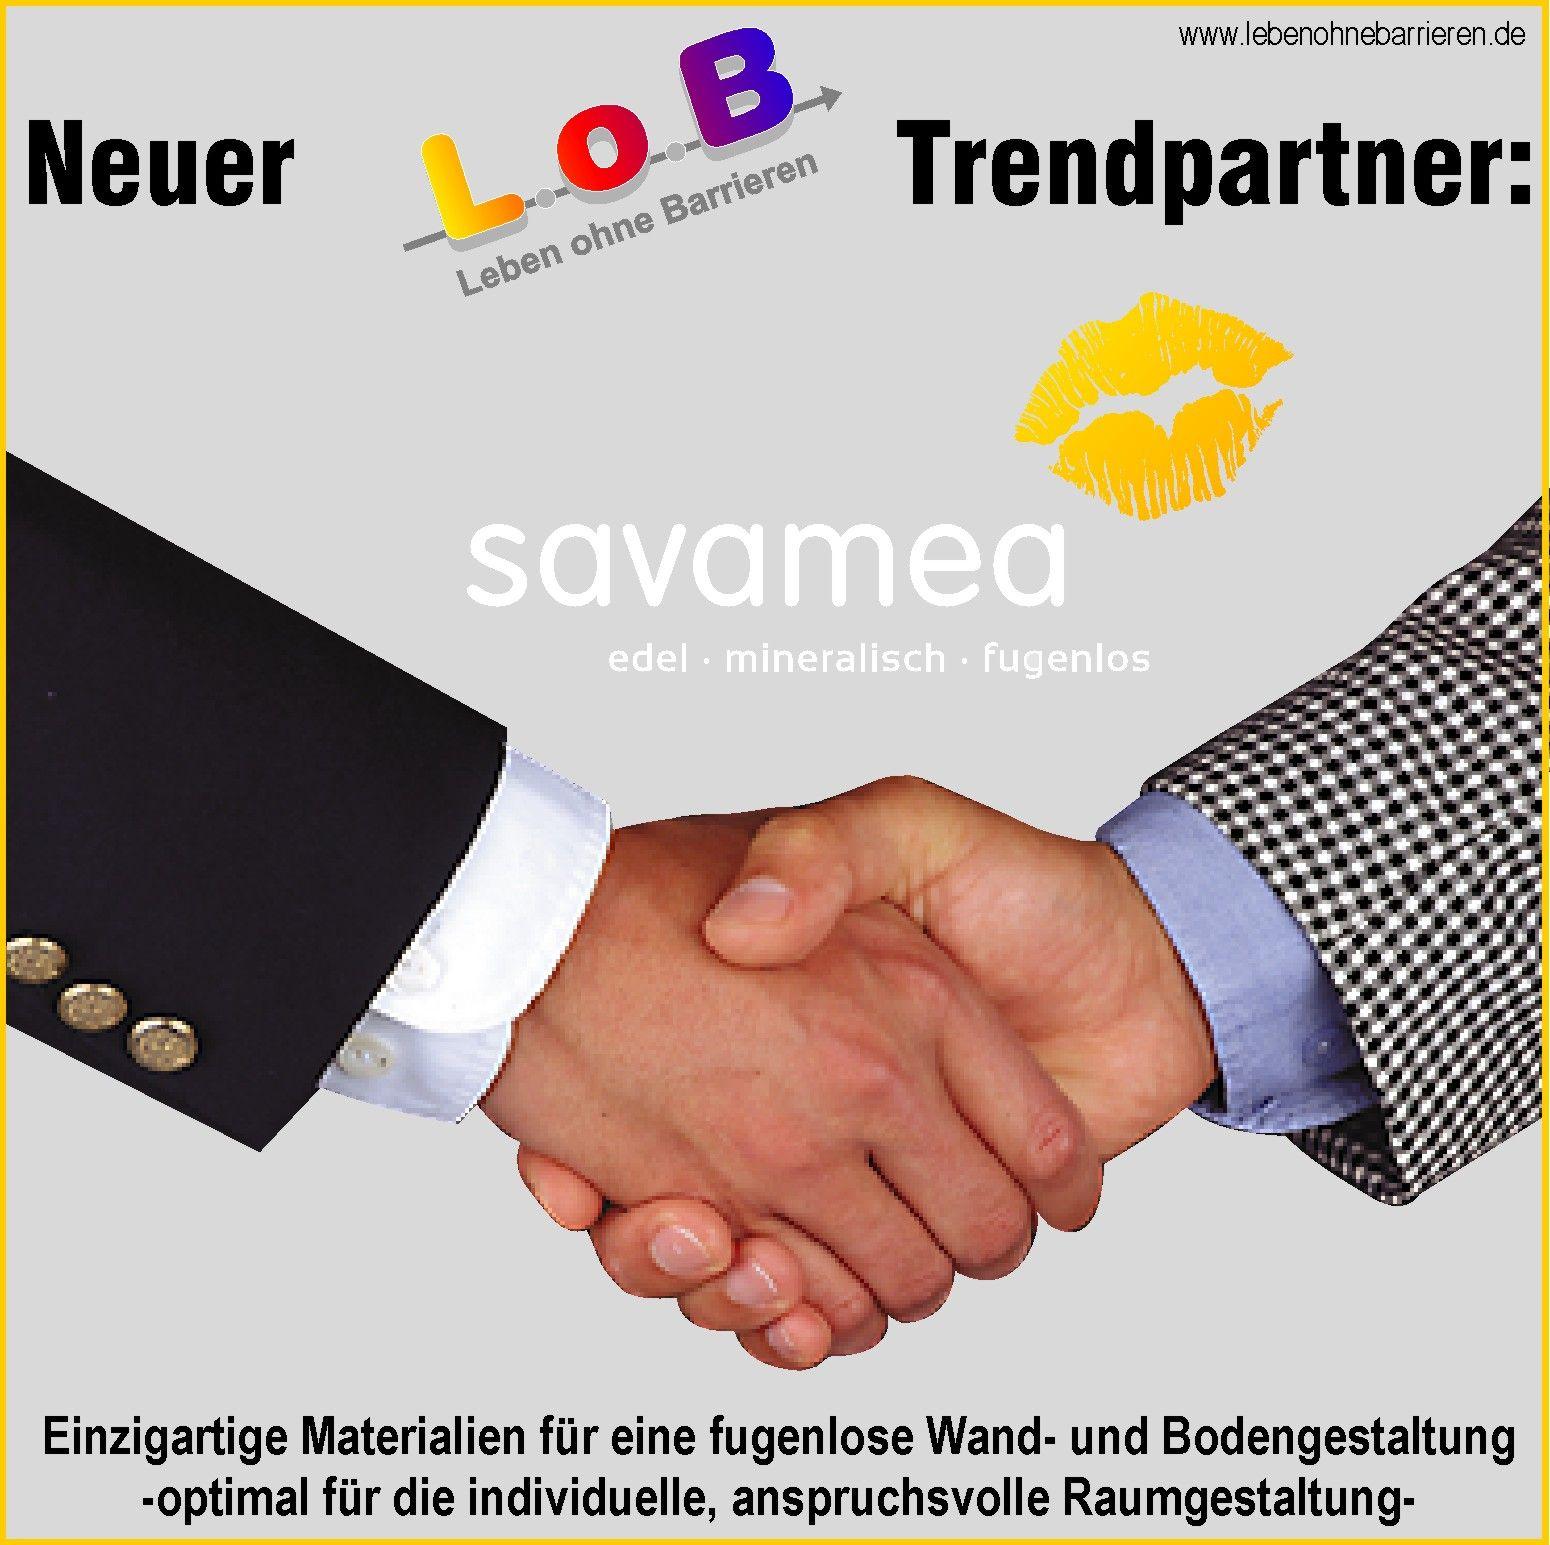 Generationengerechtes Bauen und Wohnen heißt auch individuelle Gestaltung mit zeitgemäßen Mitteln. Deshalb ist Savamea ein idealer Partner für L.o.B.